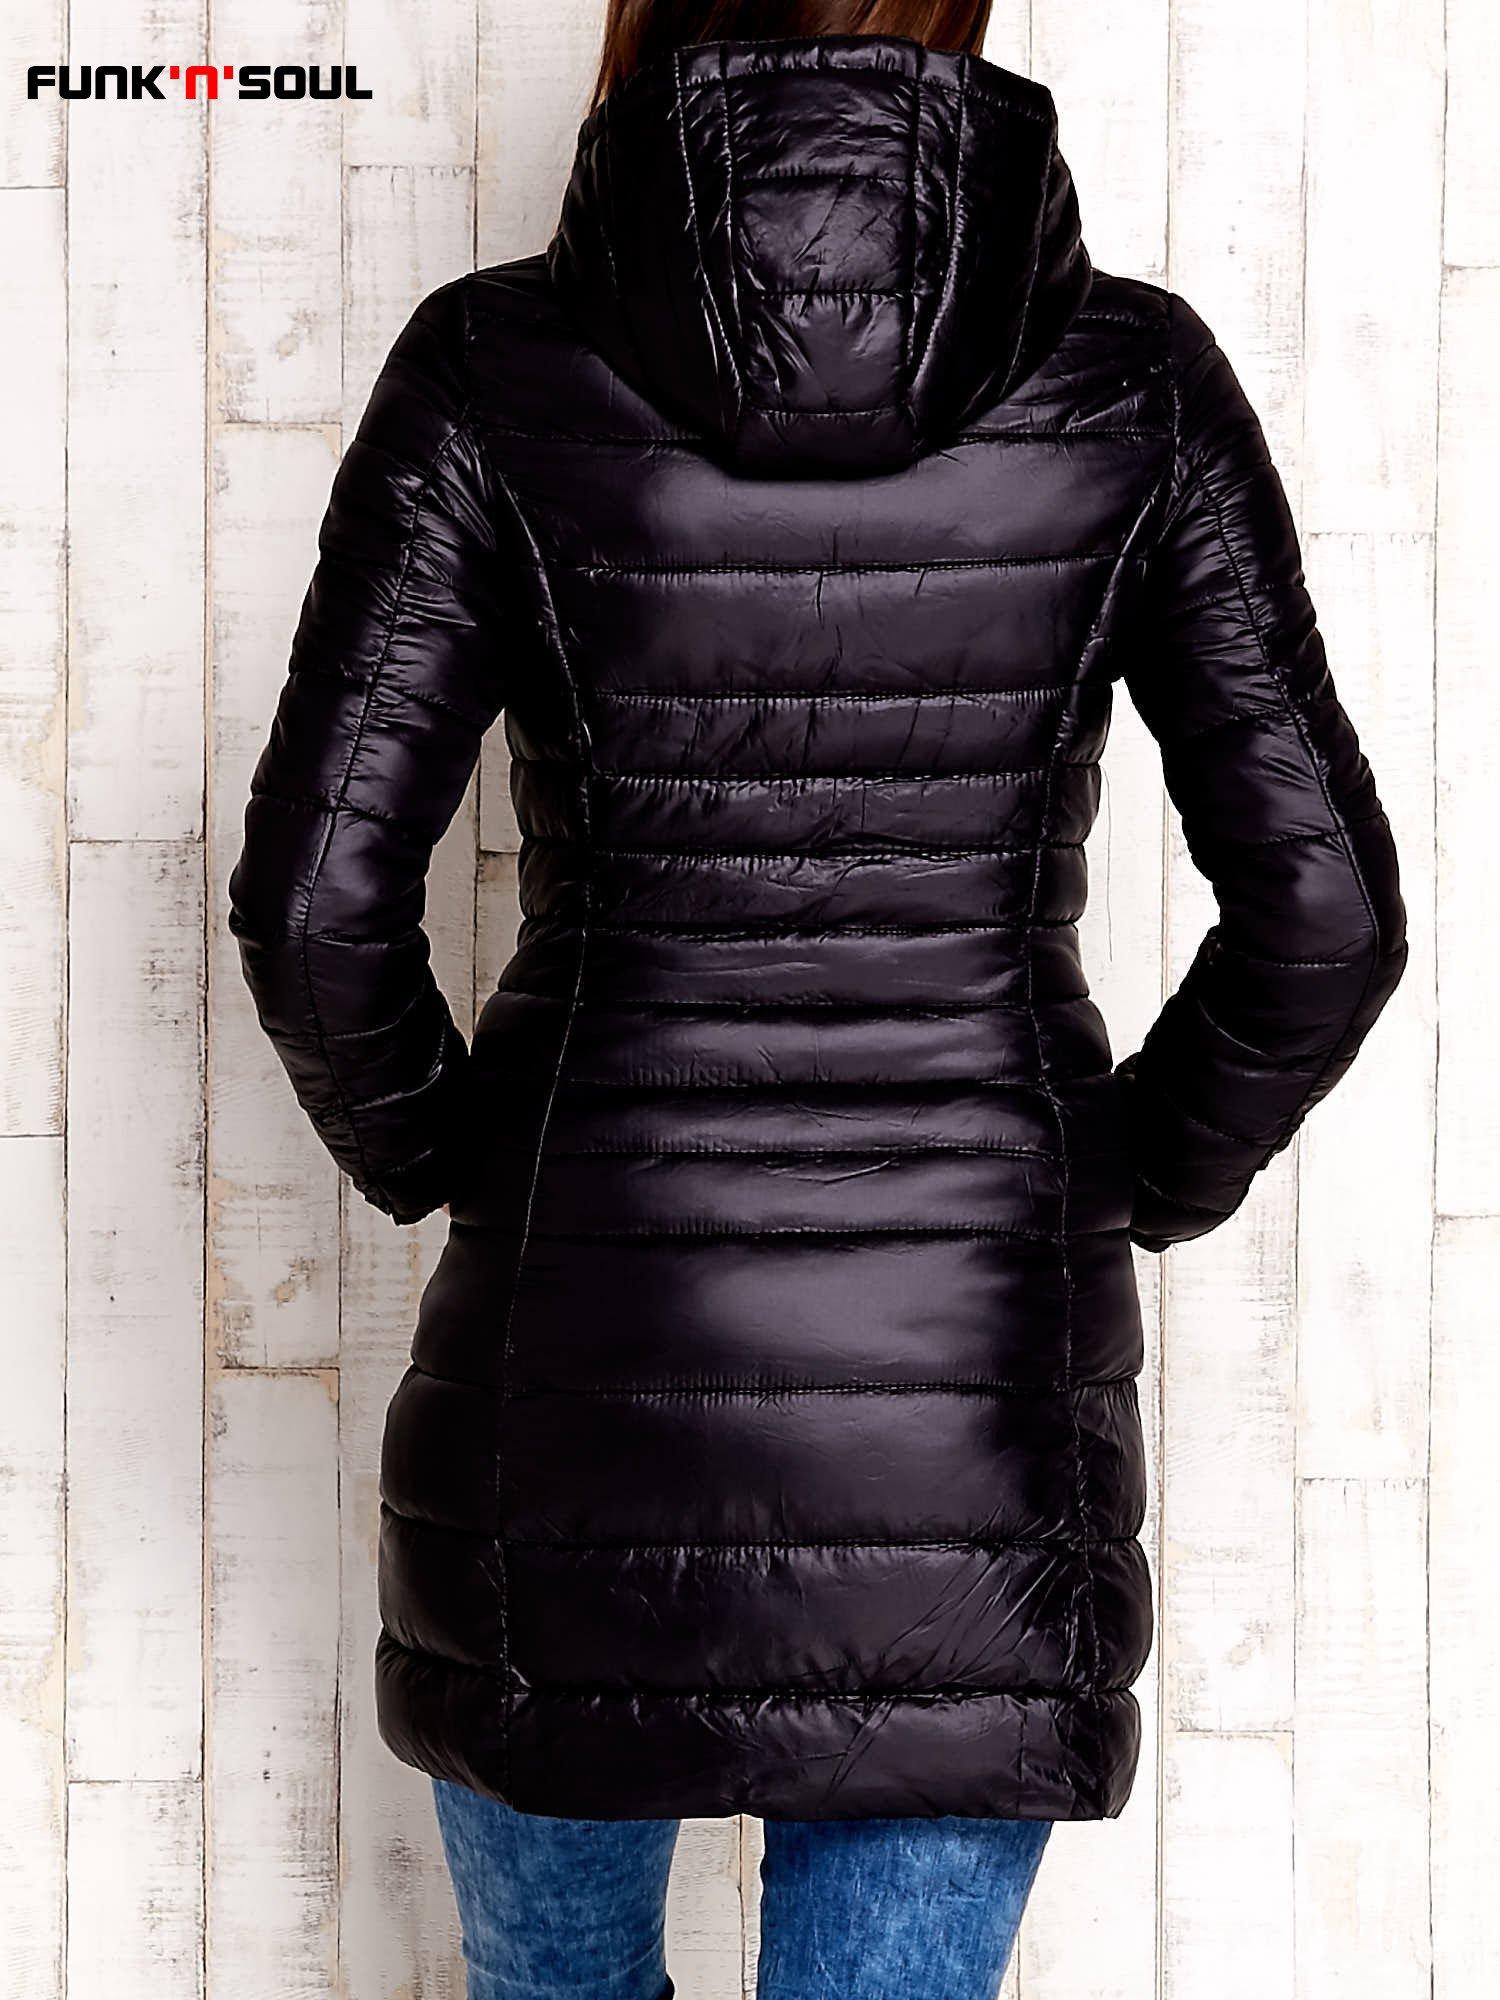 Czarny pikowany płaszcz z kapturem FUNK N SOUL                                  zdj.                                  5